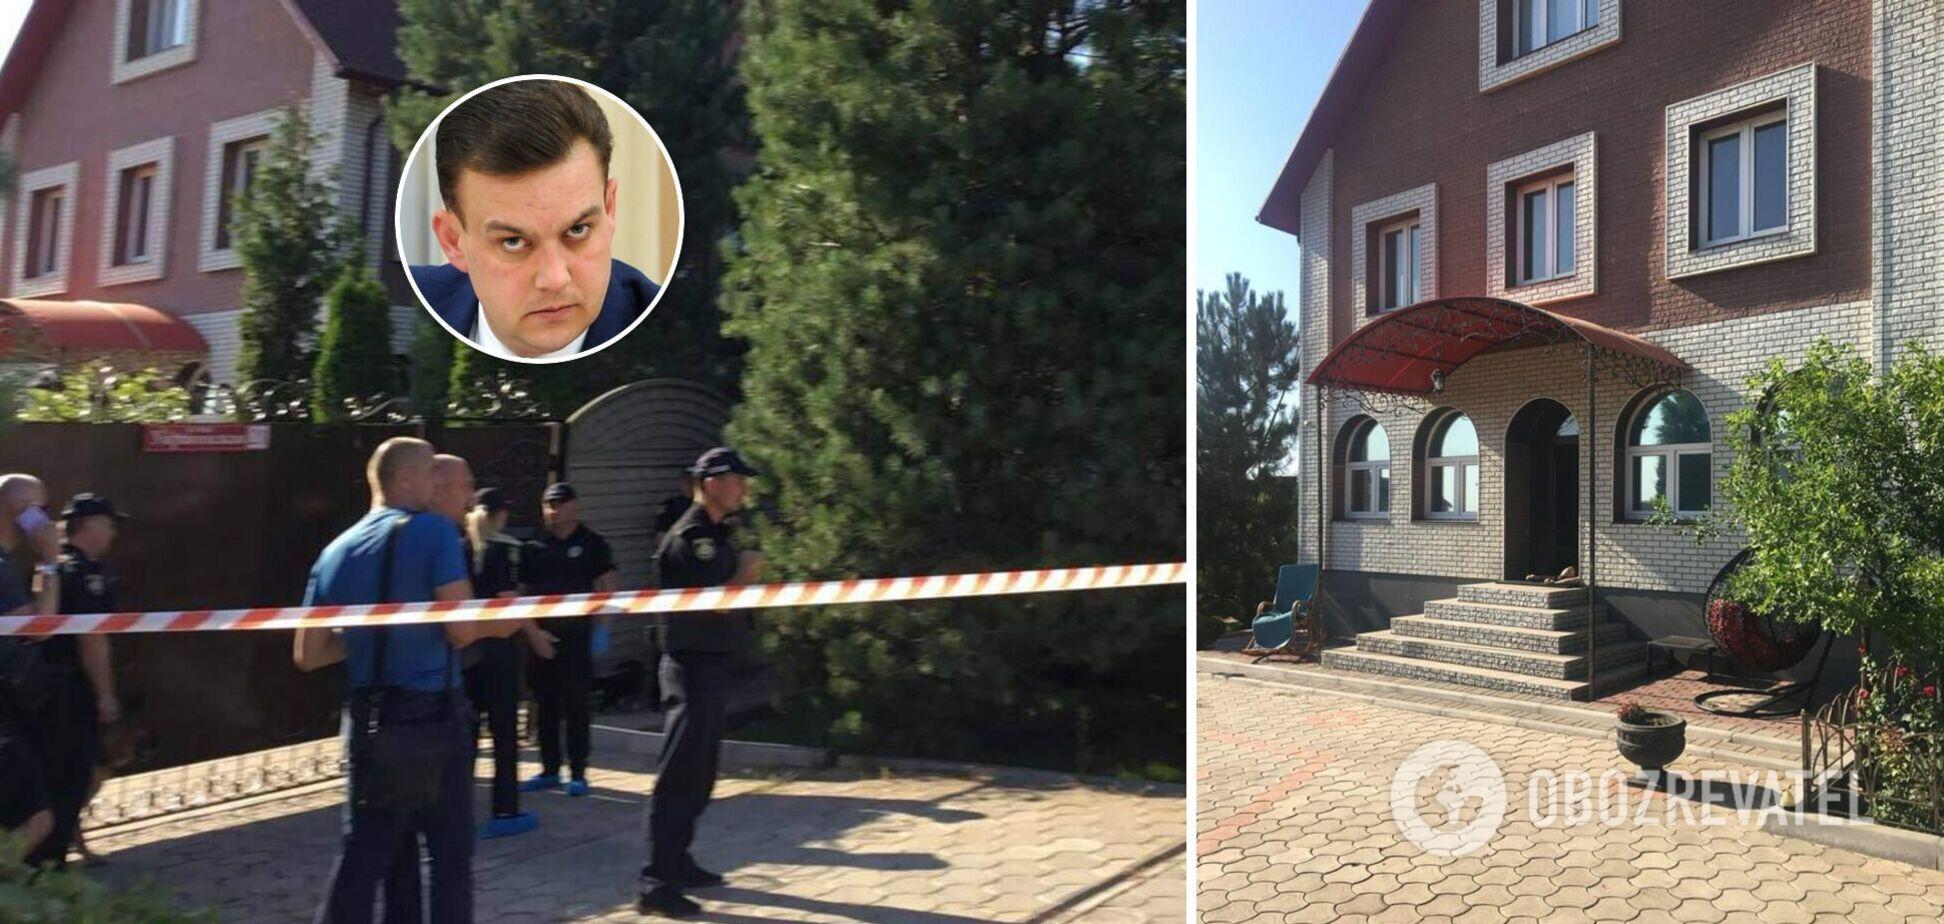 Сліди від ударів і зашморг на шиї: депутатка розкрила нові деталі смерті мера Кривого Рогу